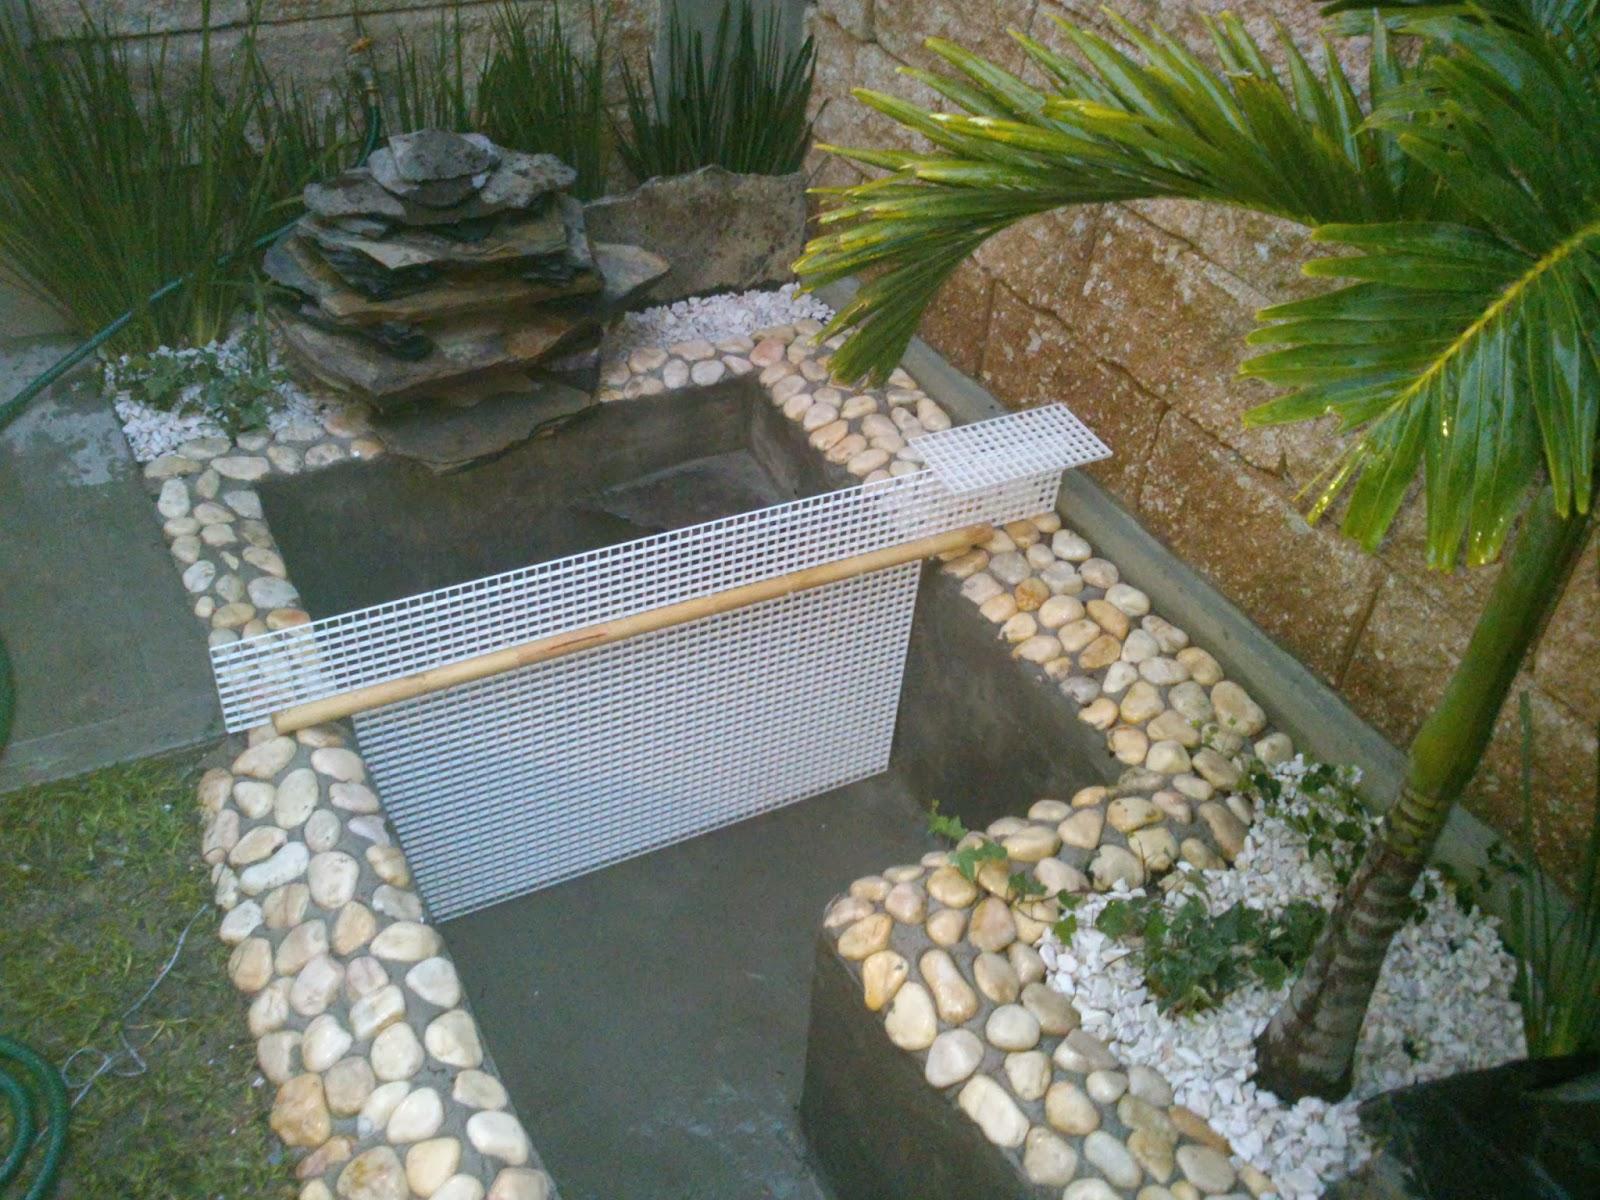 El estanque de mis tortugas tortugas territoriales - Plastico para estanques ...